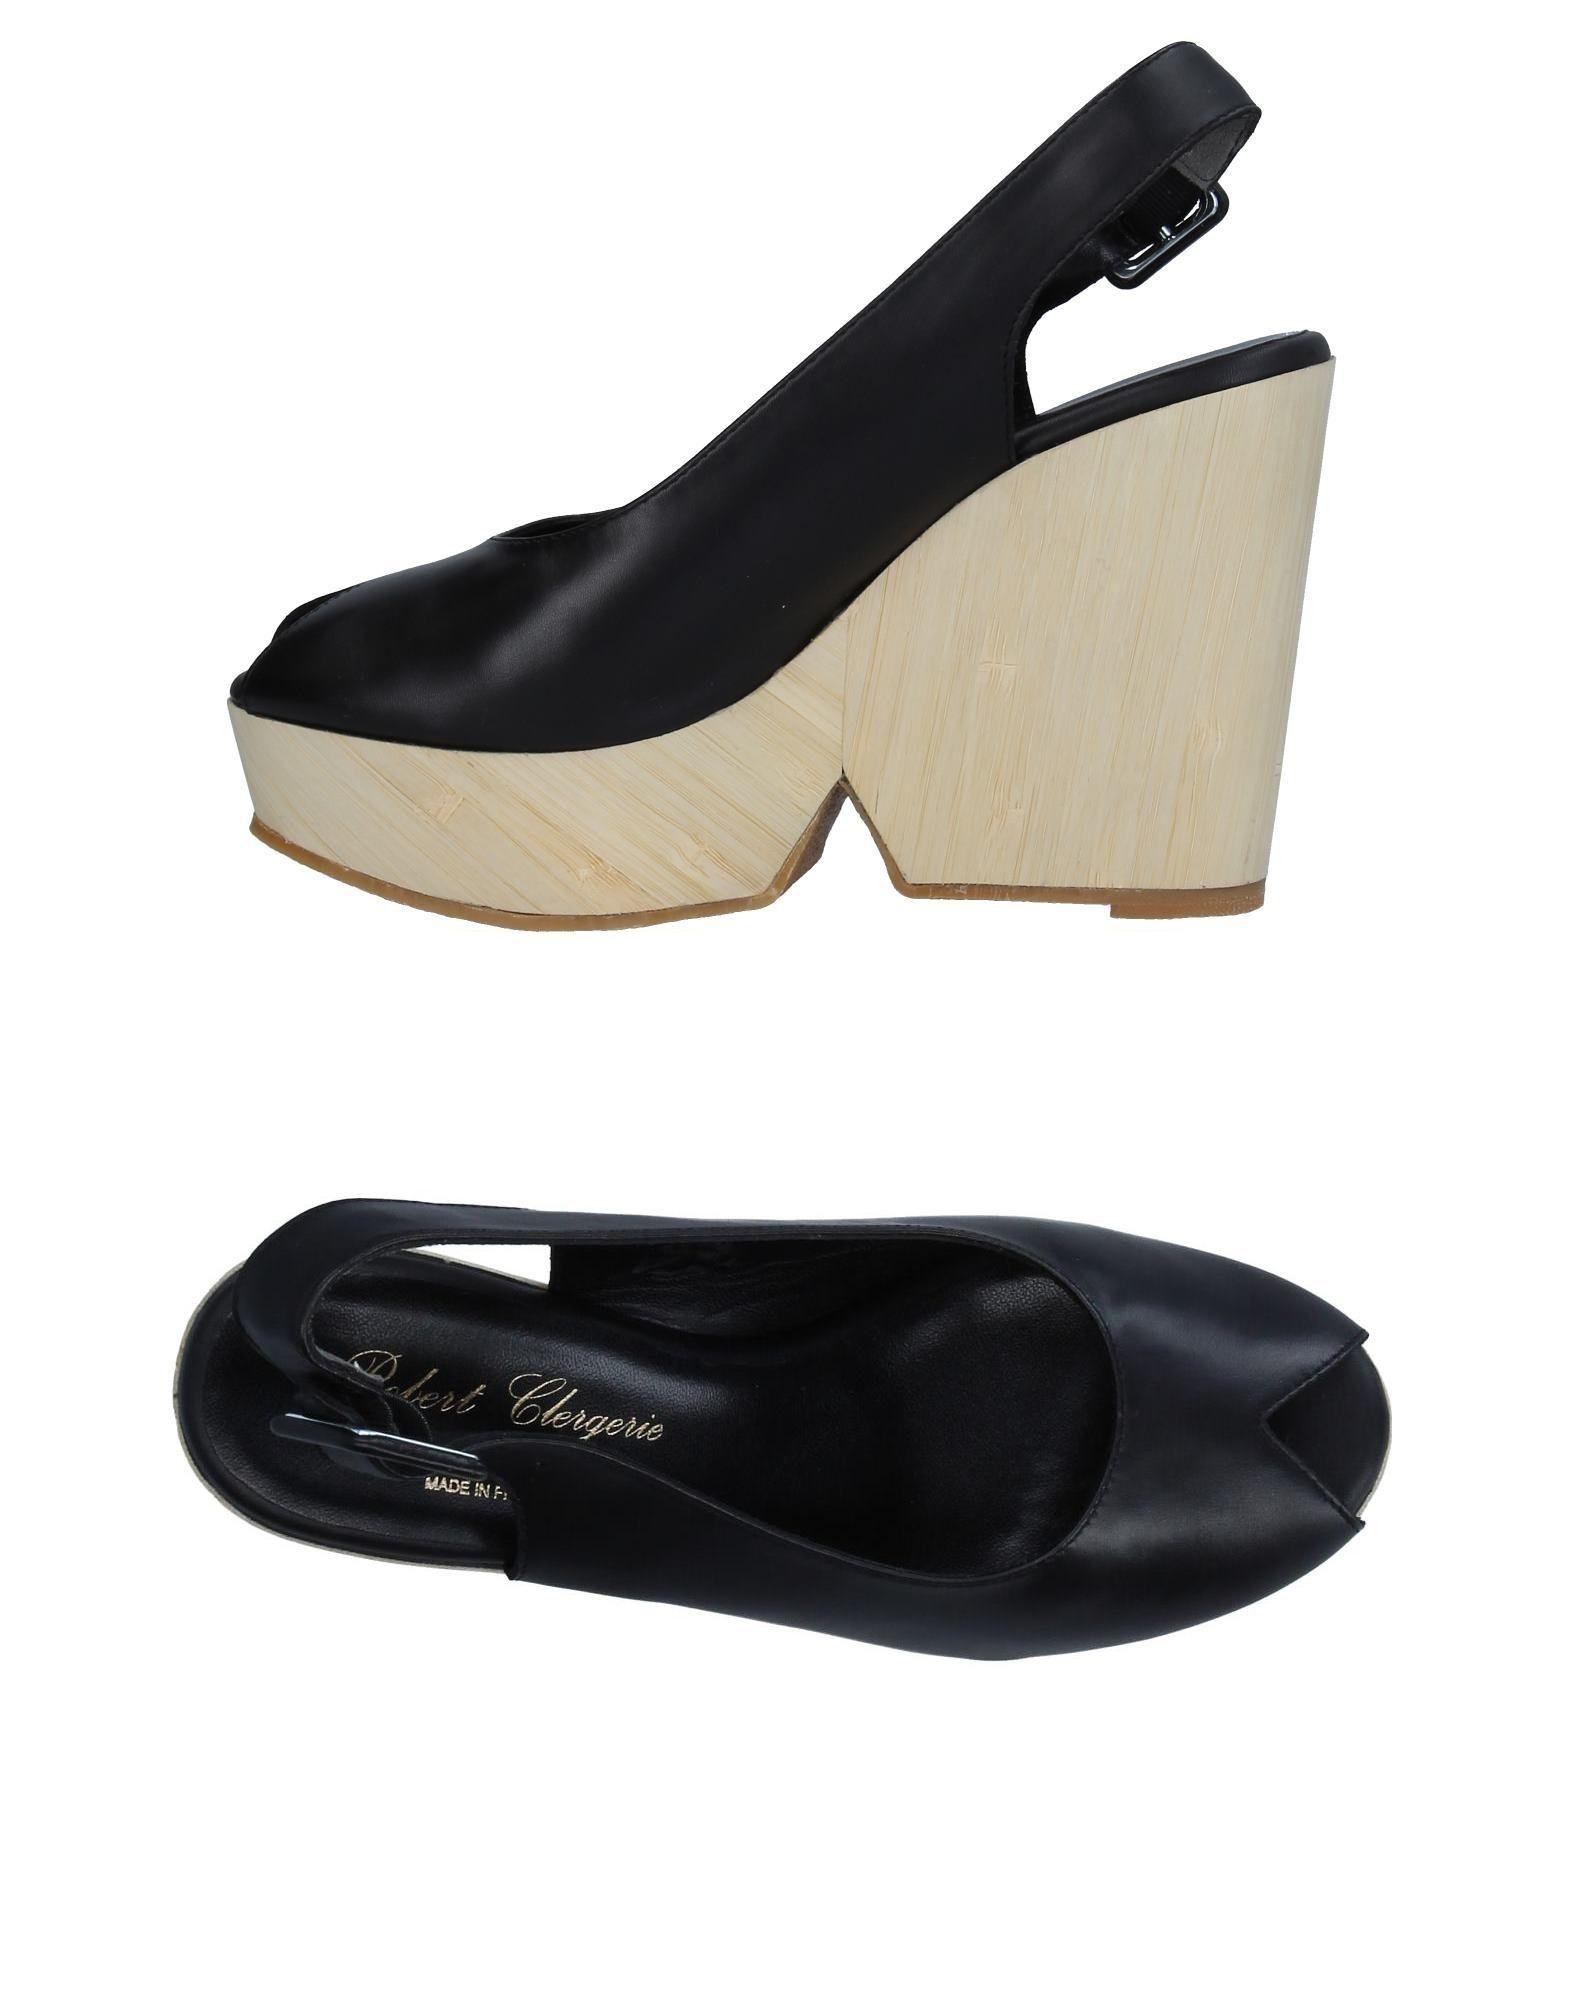 Robert Clergerie Sandalen Damen  11337699TIGut aussehende strapazierfähige Schuhe